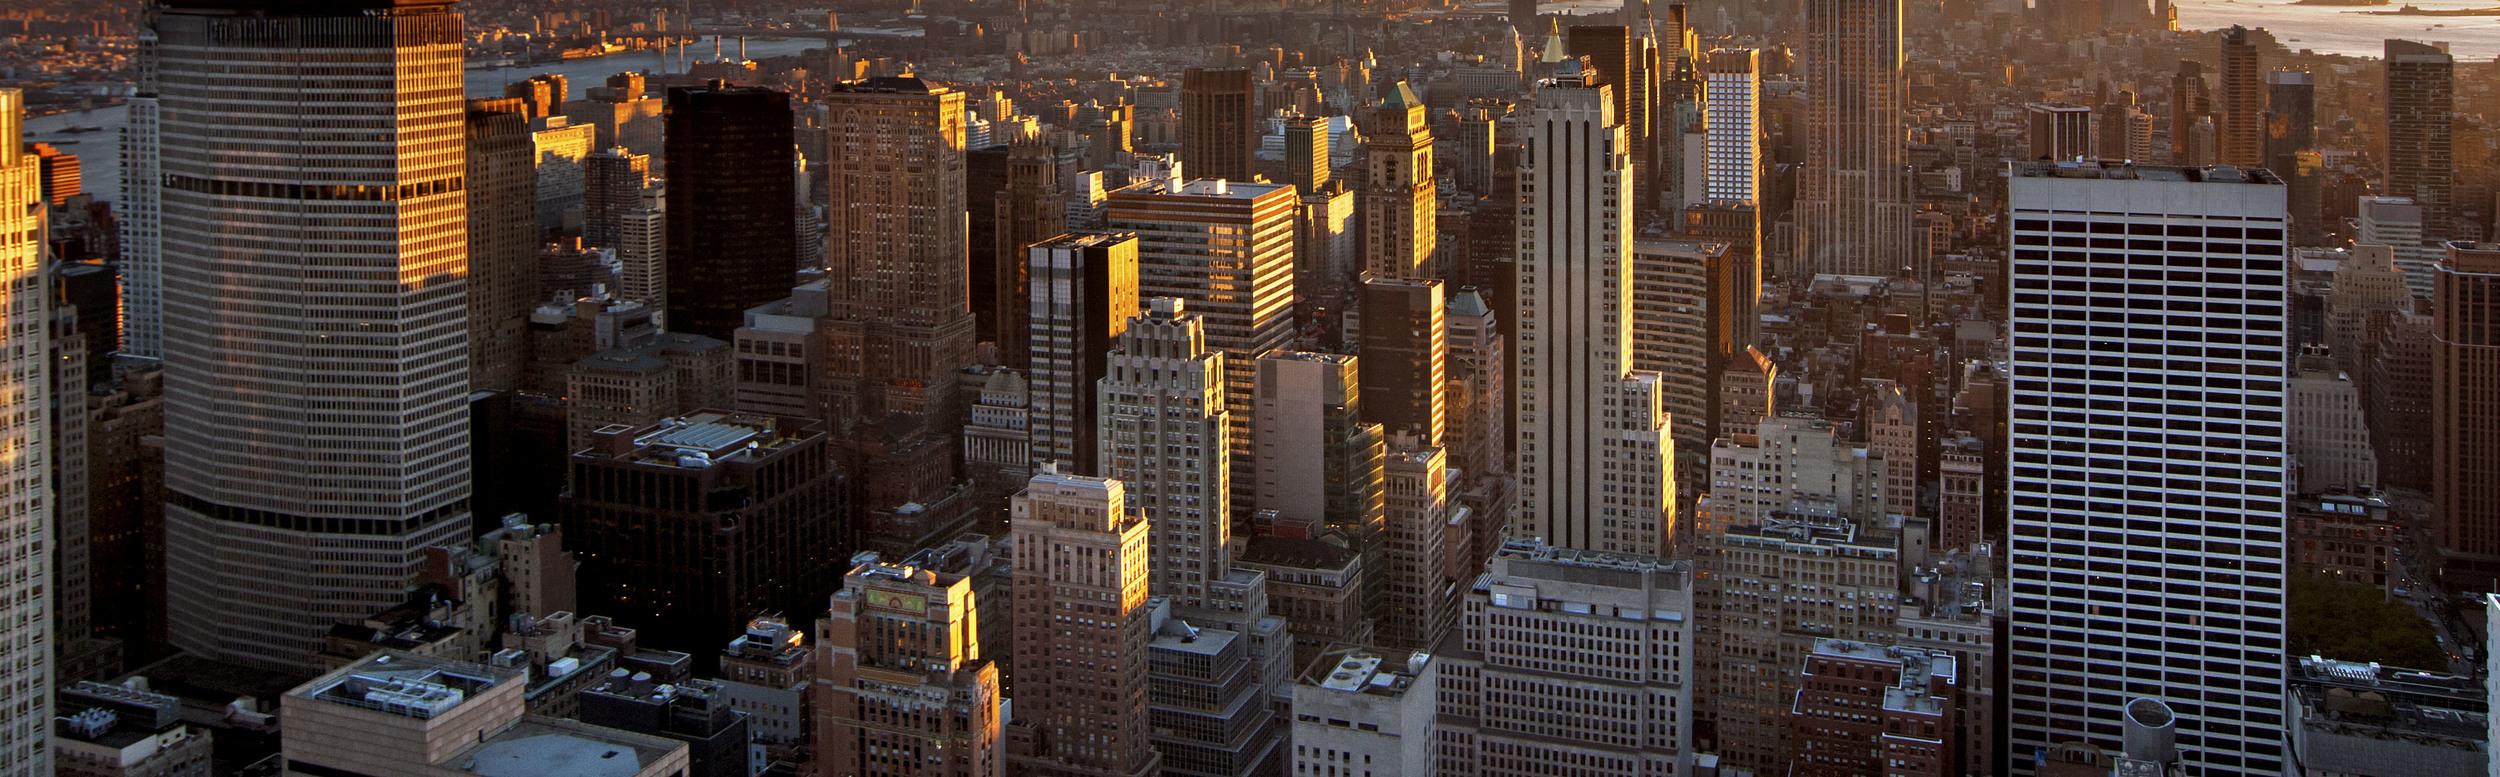 NY_small.jpg